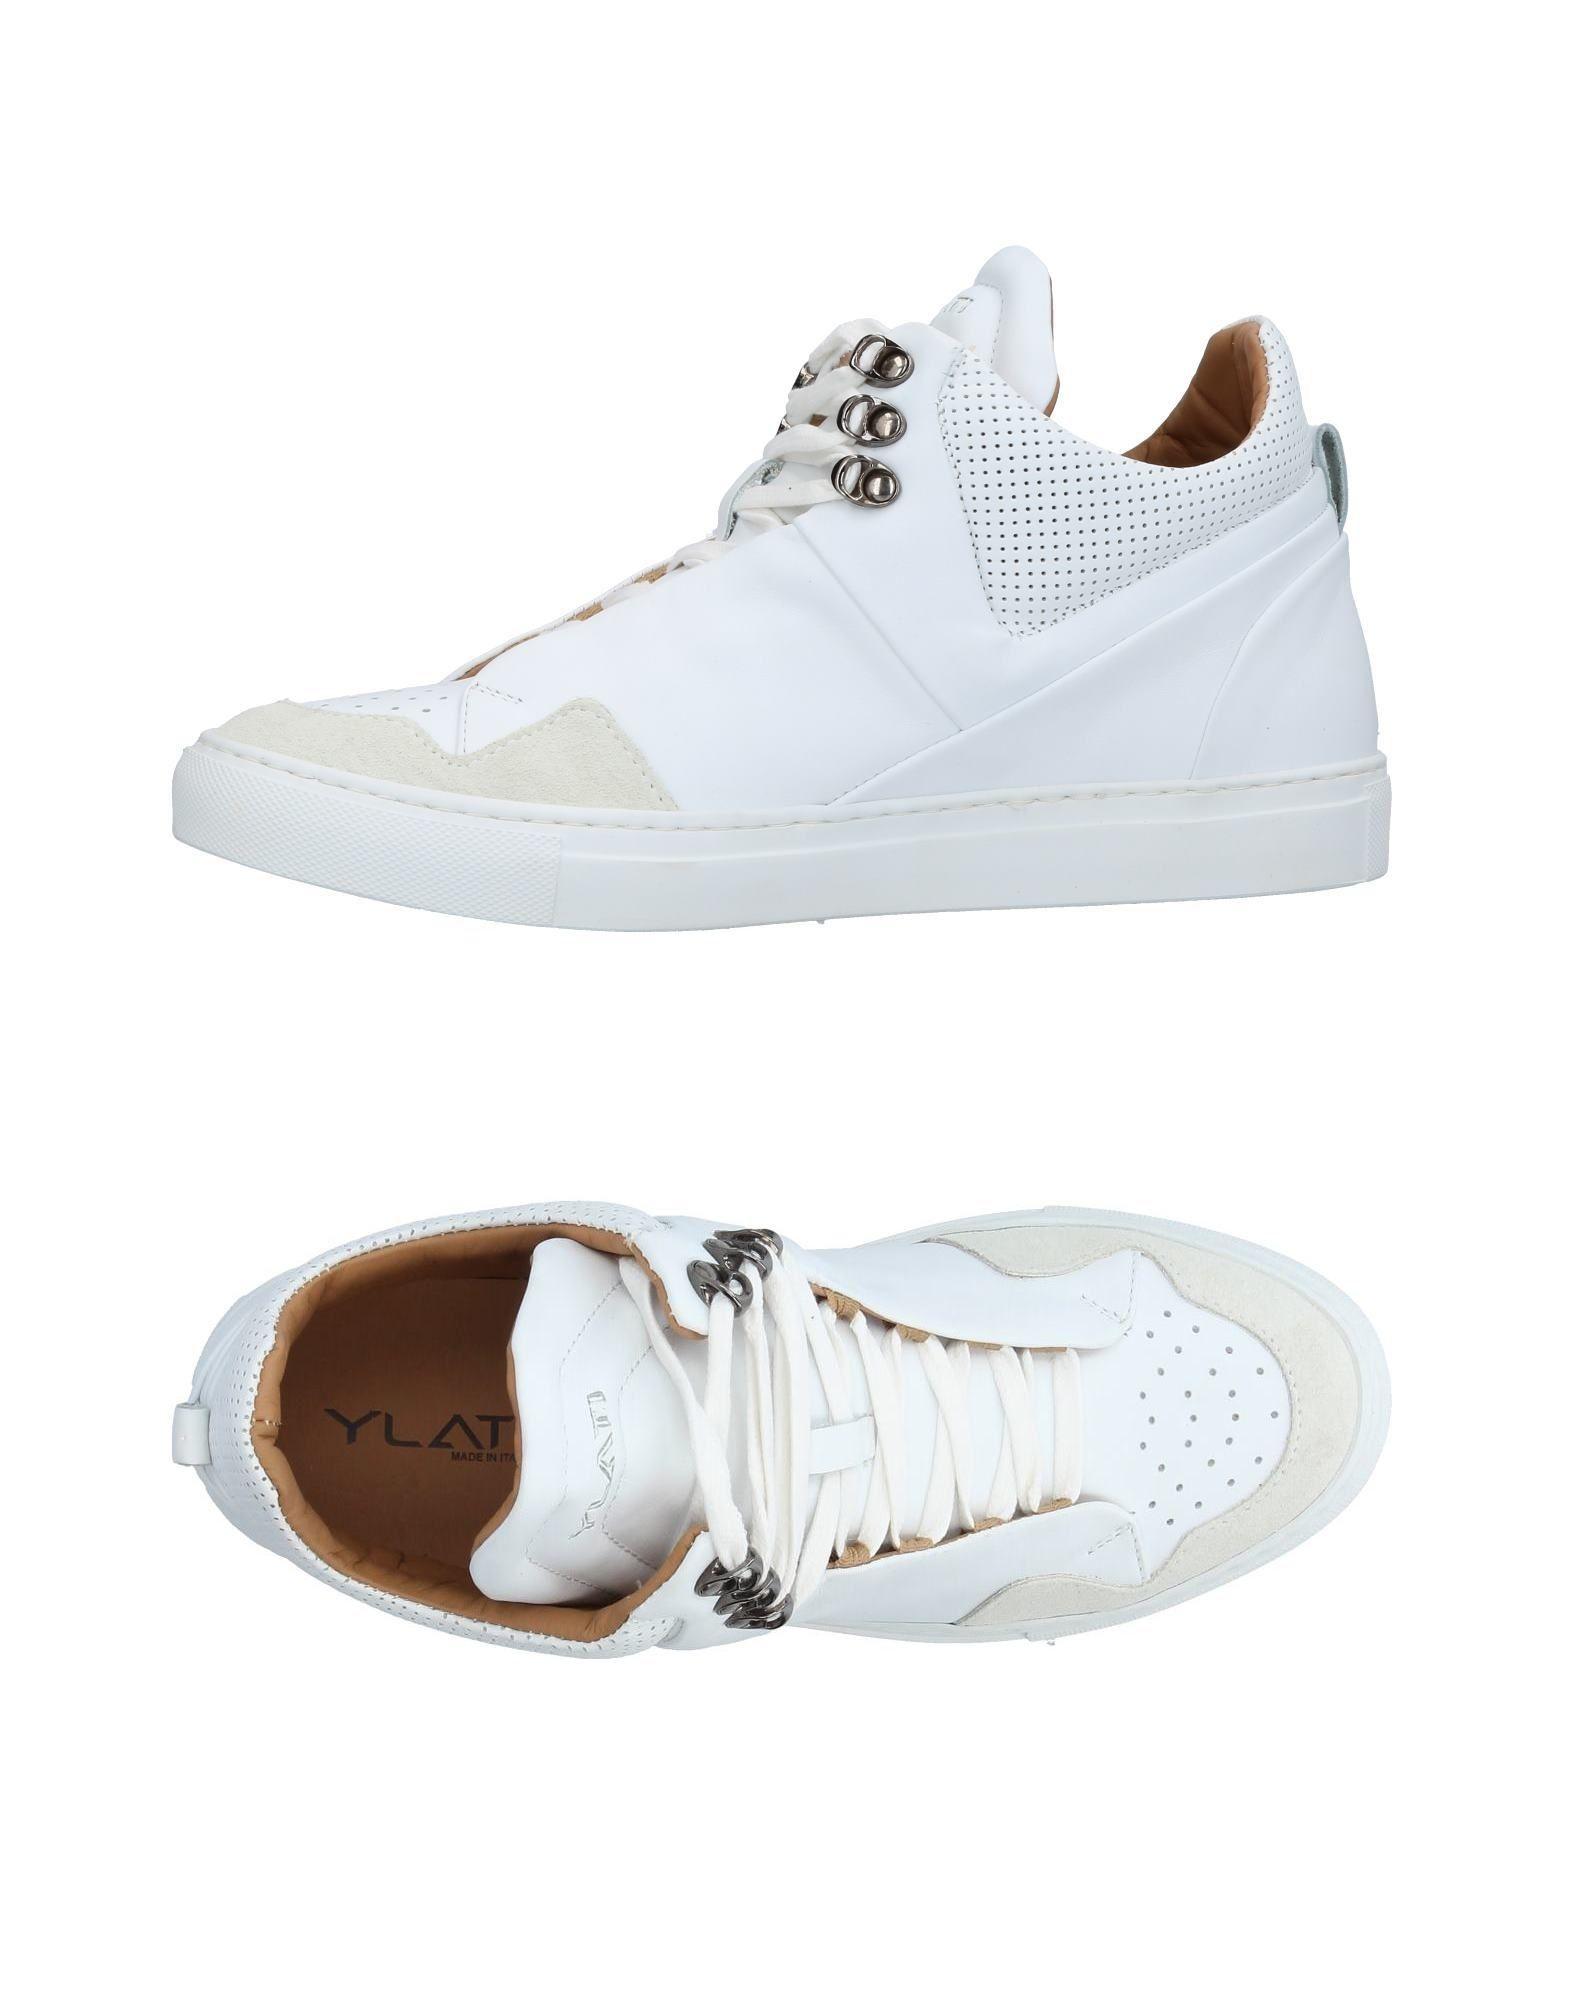 Sneakers Ylati Uomo - 11380013KX Scarpe economiche e buone